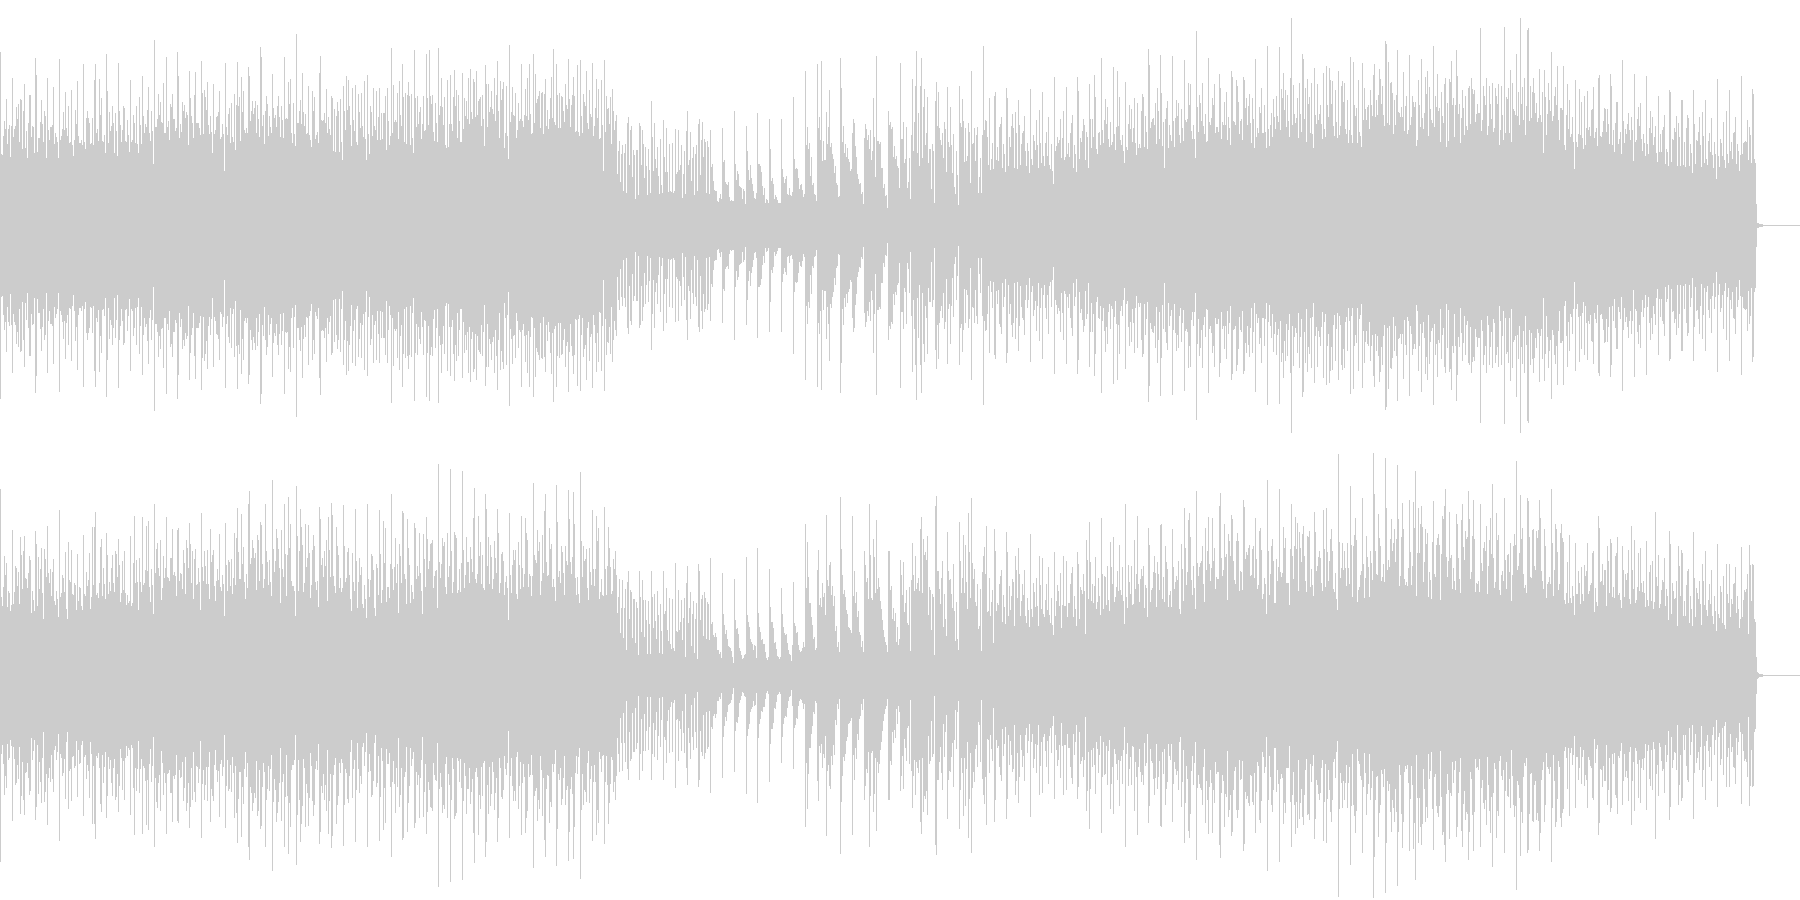 【バトル向き】疾走感のあるテクノロックの未再生の波形